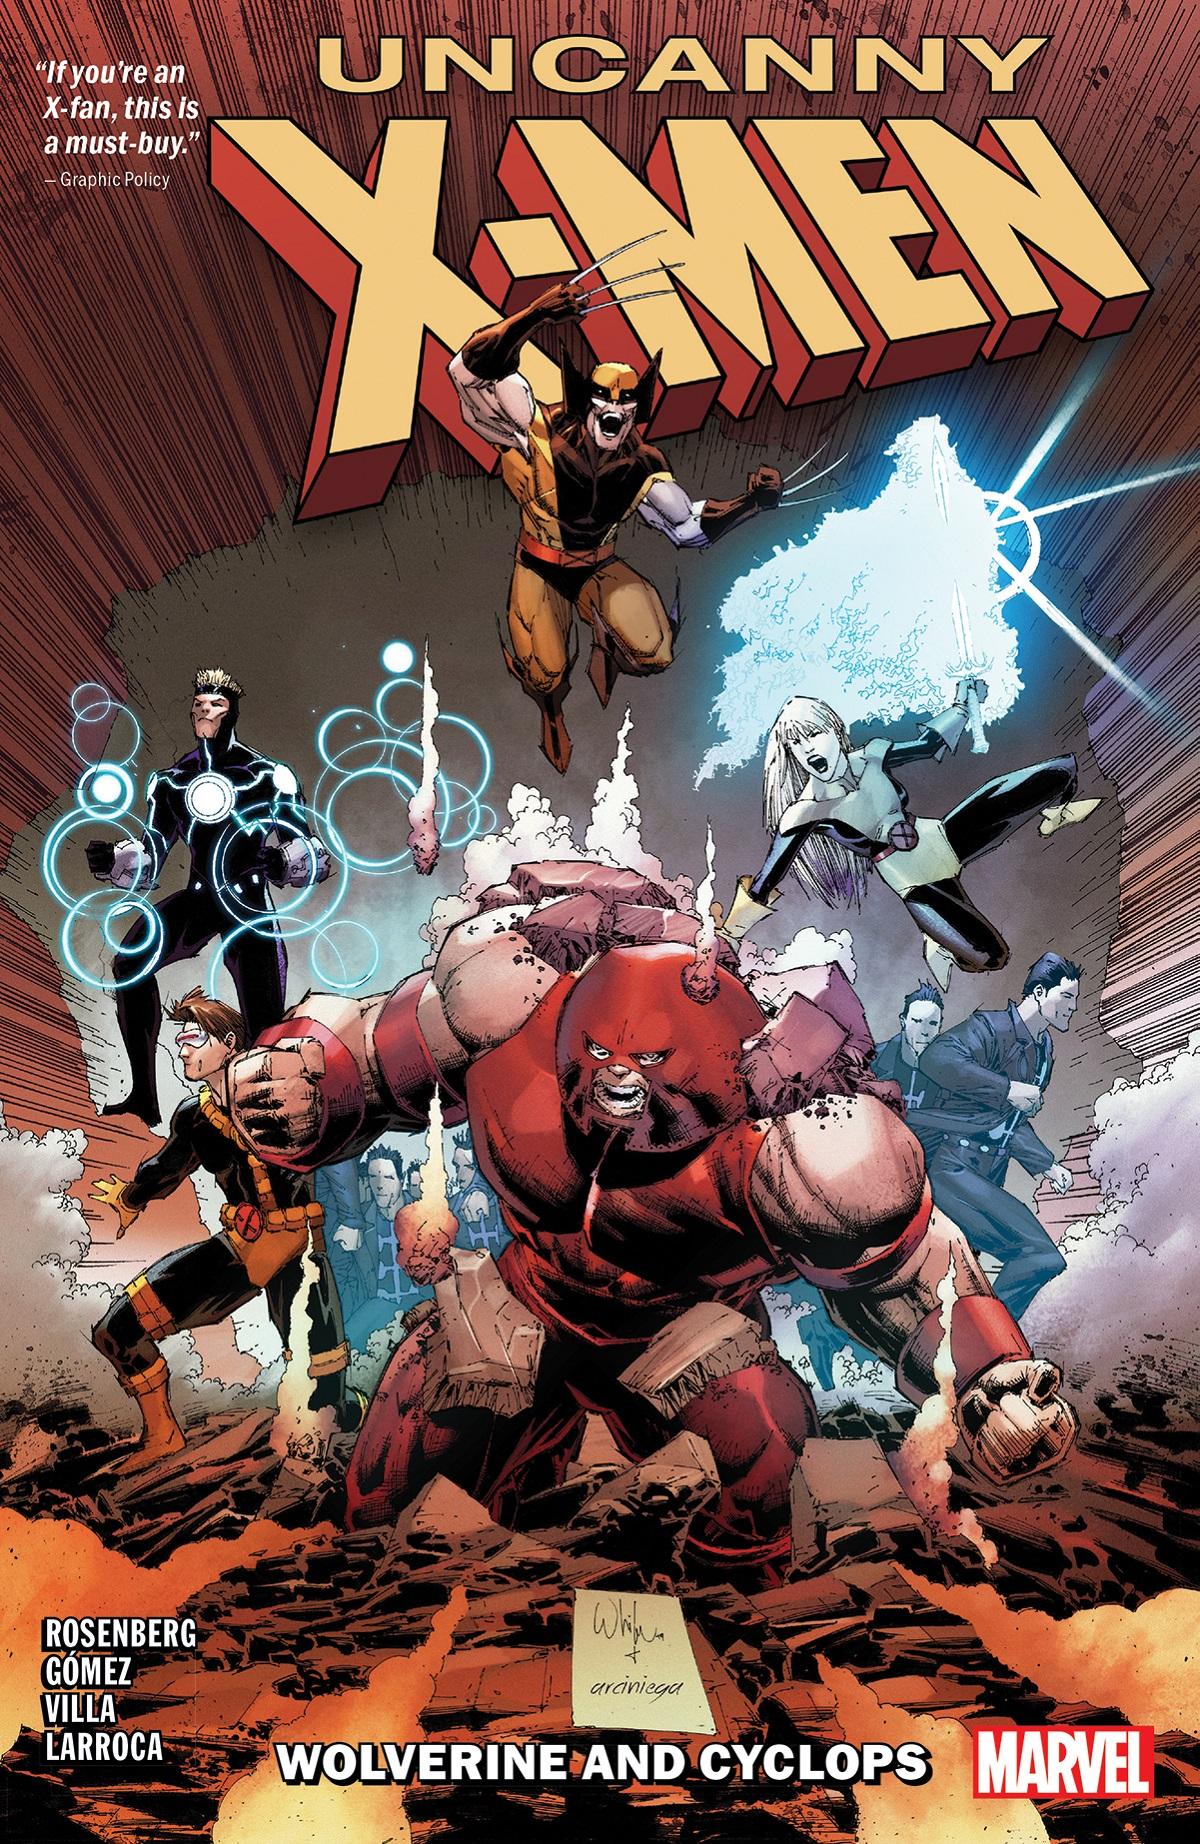 Uncanny X-Men: Wolverine And Cyclops Vol. 2 (Trade Paperback)